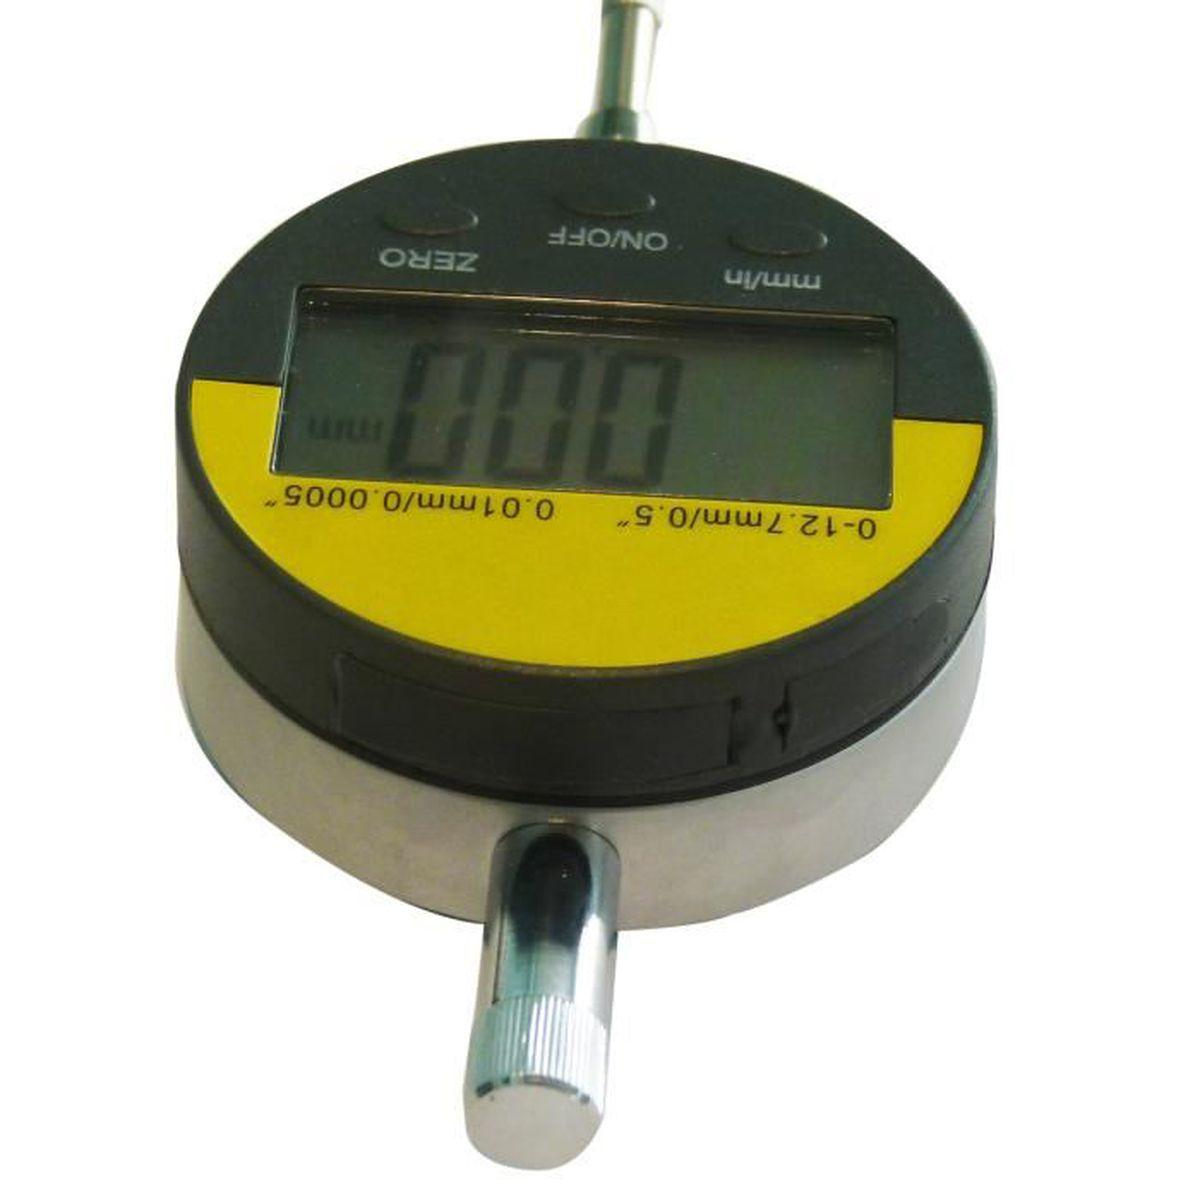 lecture 0.8//0.01 m Horizontal Indicateur à levier course 0.8mm Cadran ø 28 mm